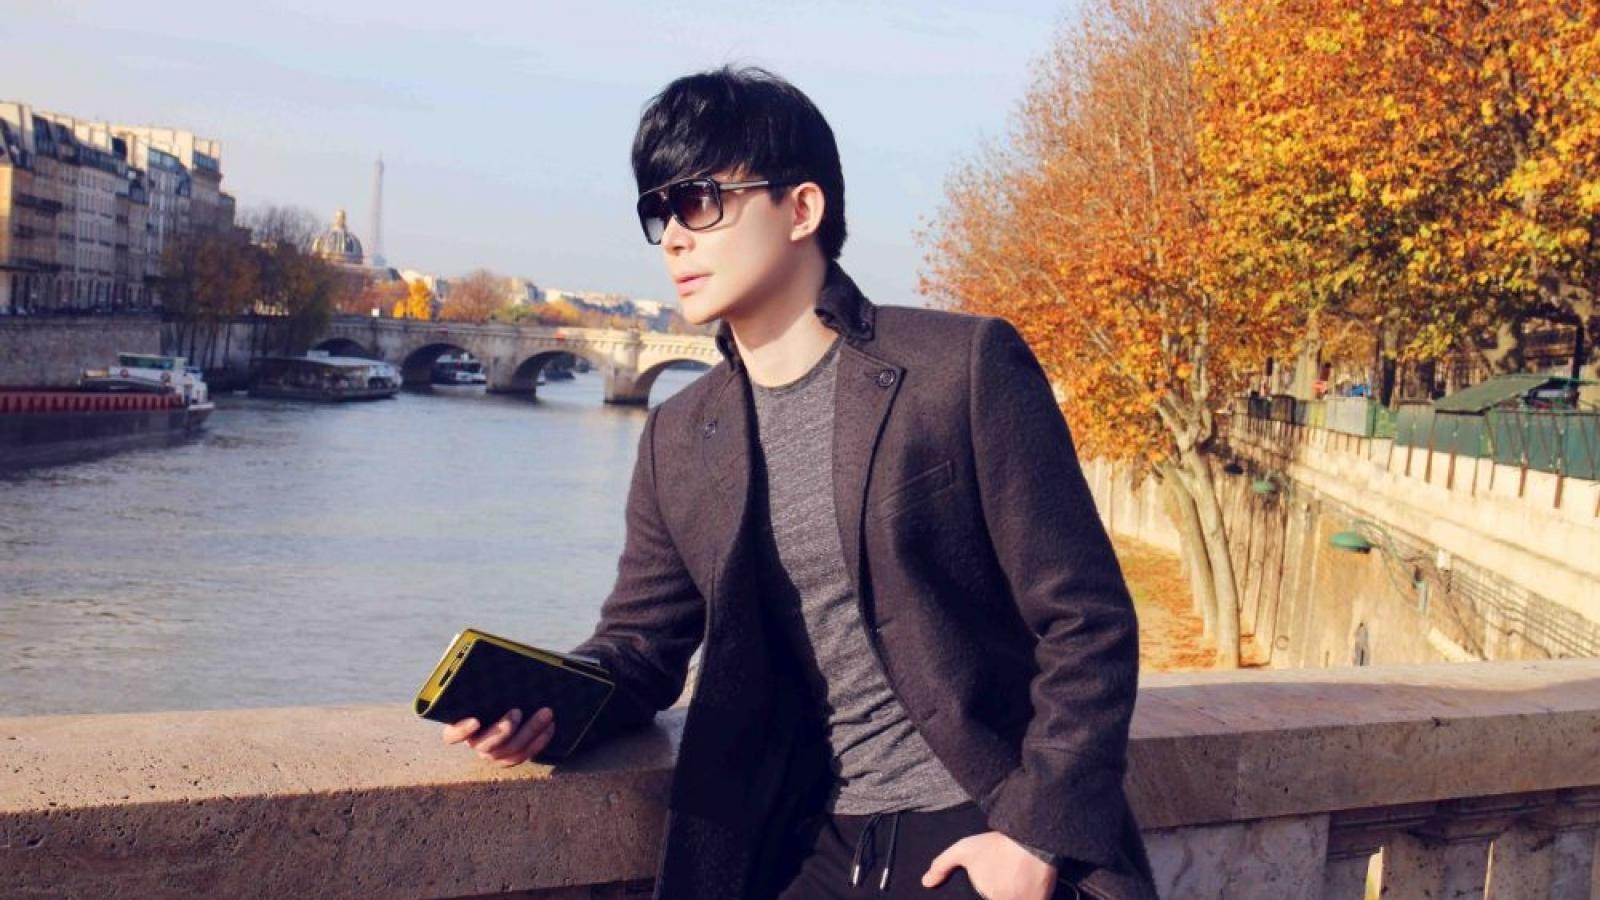 Nathan Lee bất ngờ hủy chuyến bay Pháp để ở lại Việt Nam